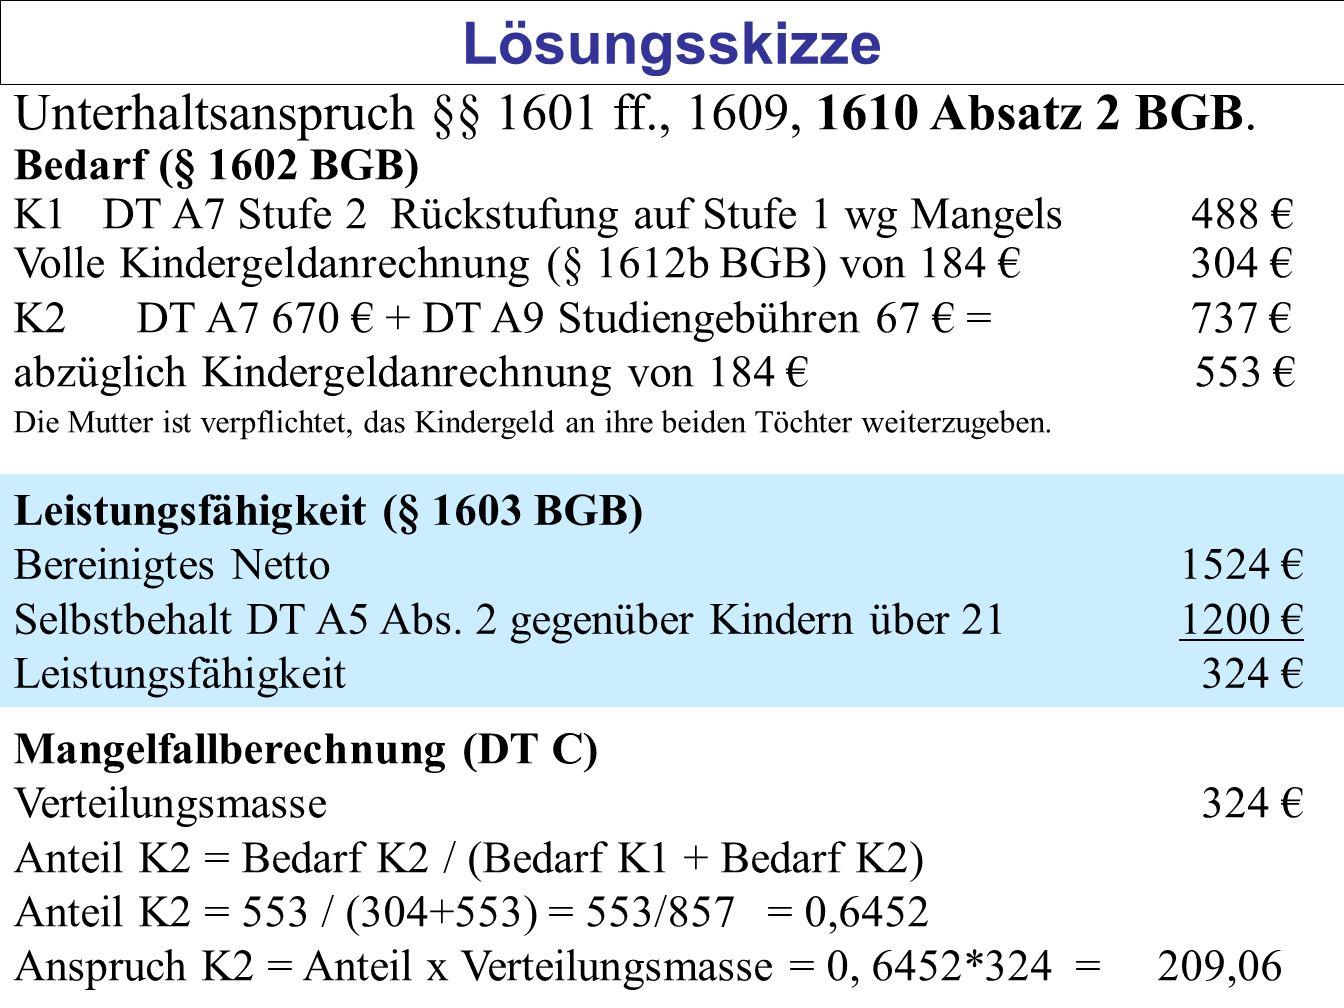 Lösungsskizze Unterhaltsanspruch §§ 1601 ff., 1609, 1610 Absatz 2 BGB.